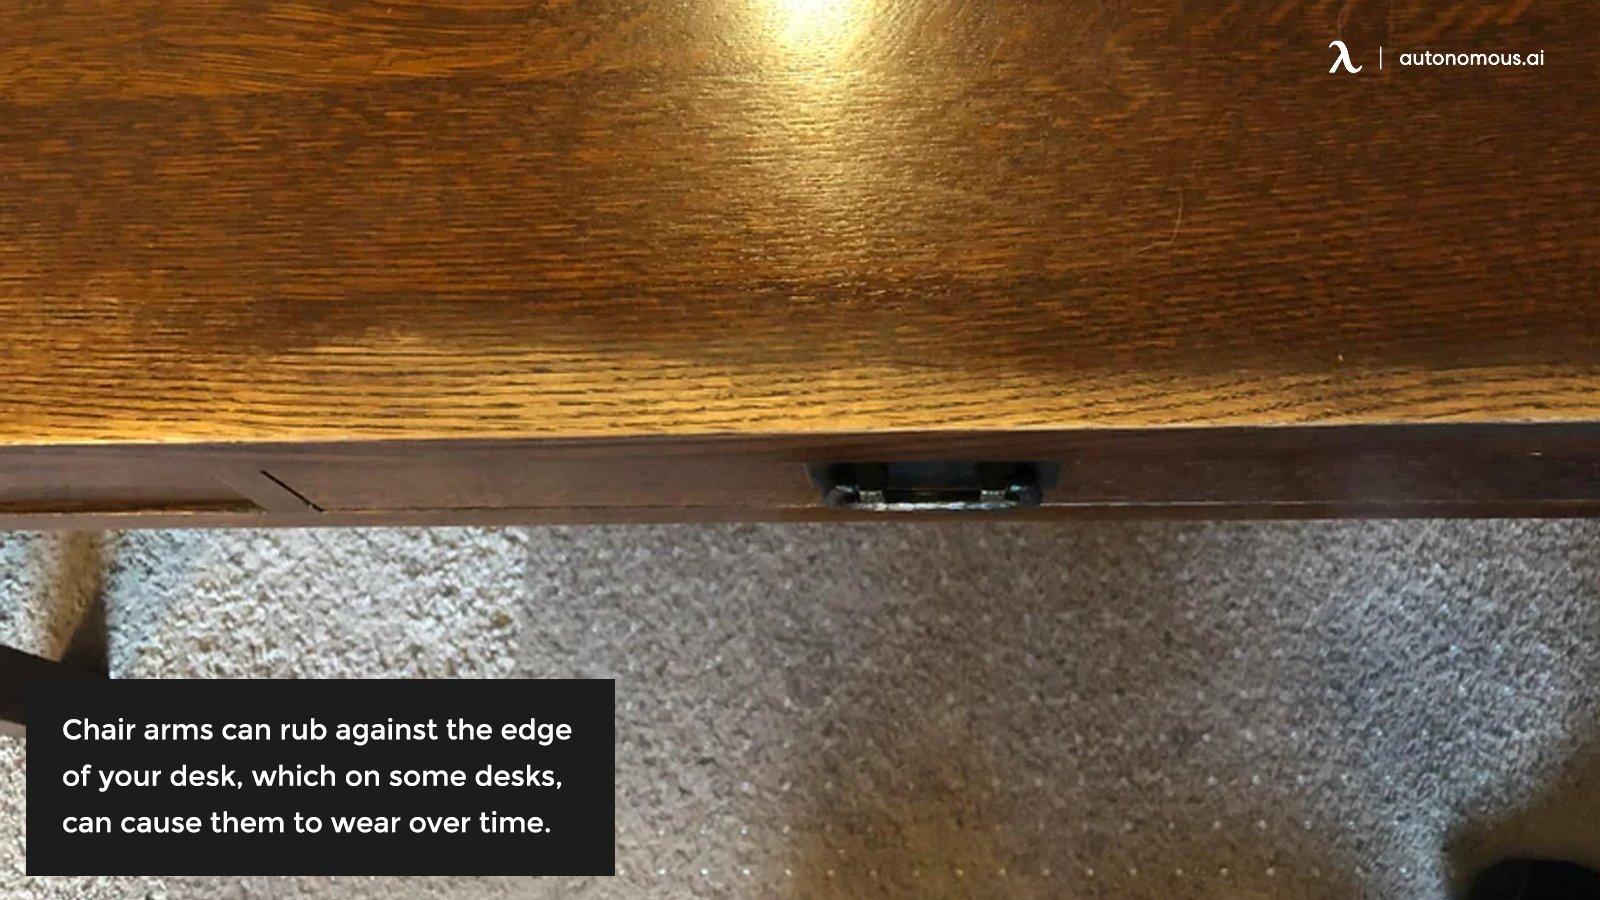 Desk wear on edge